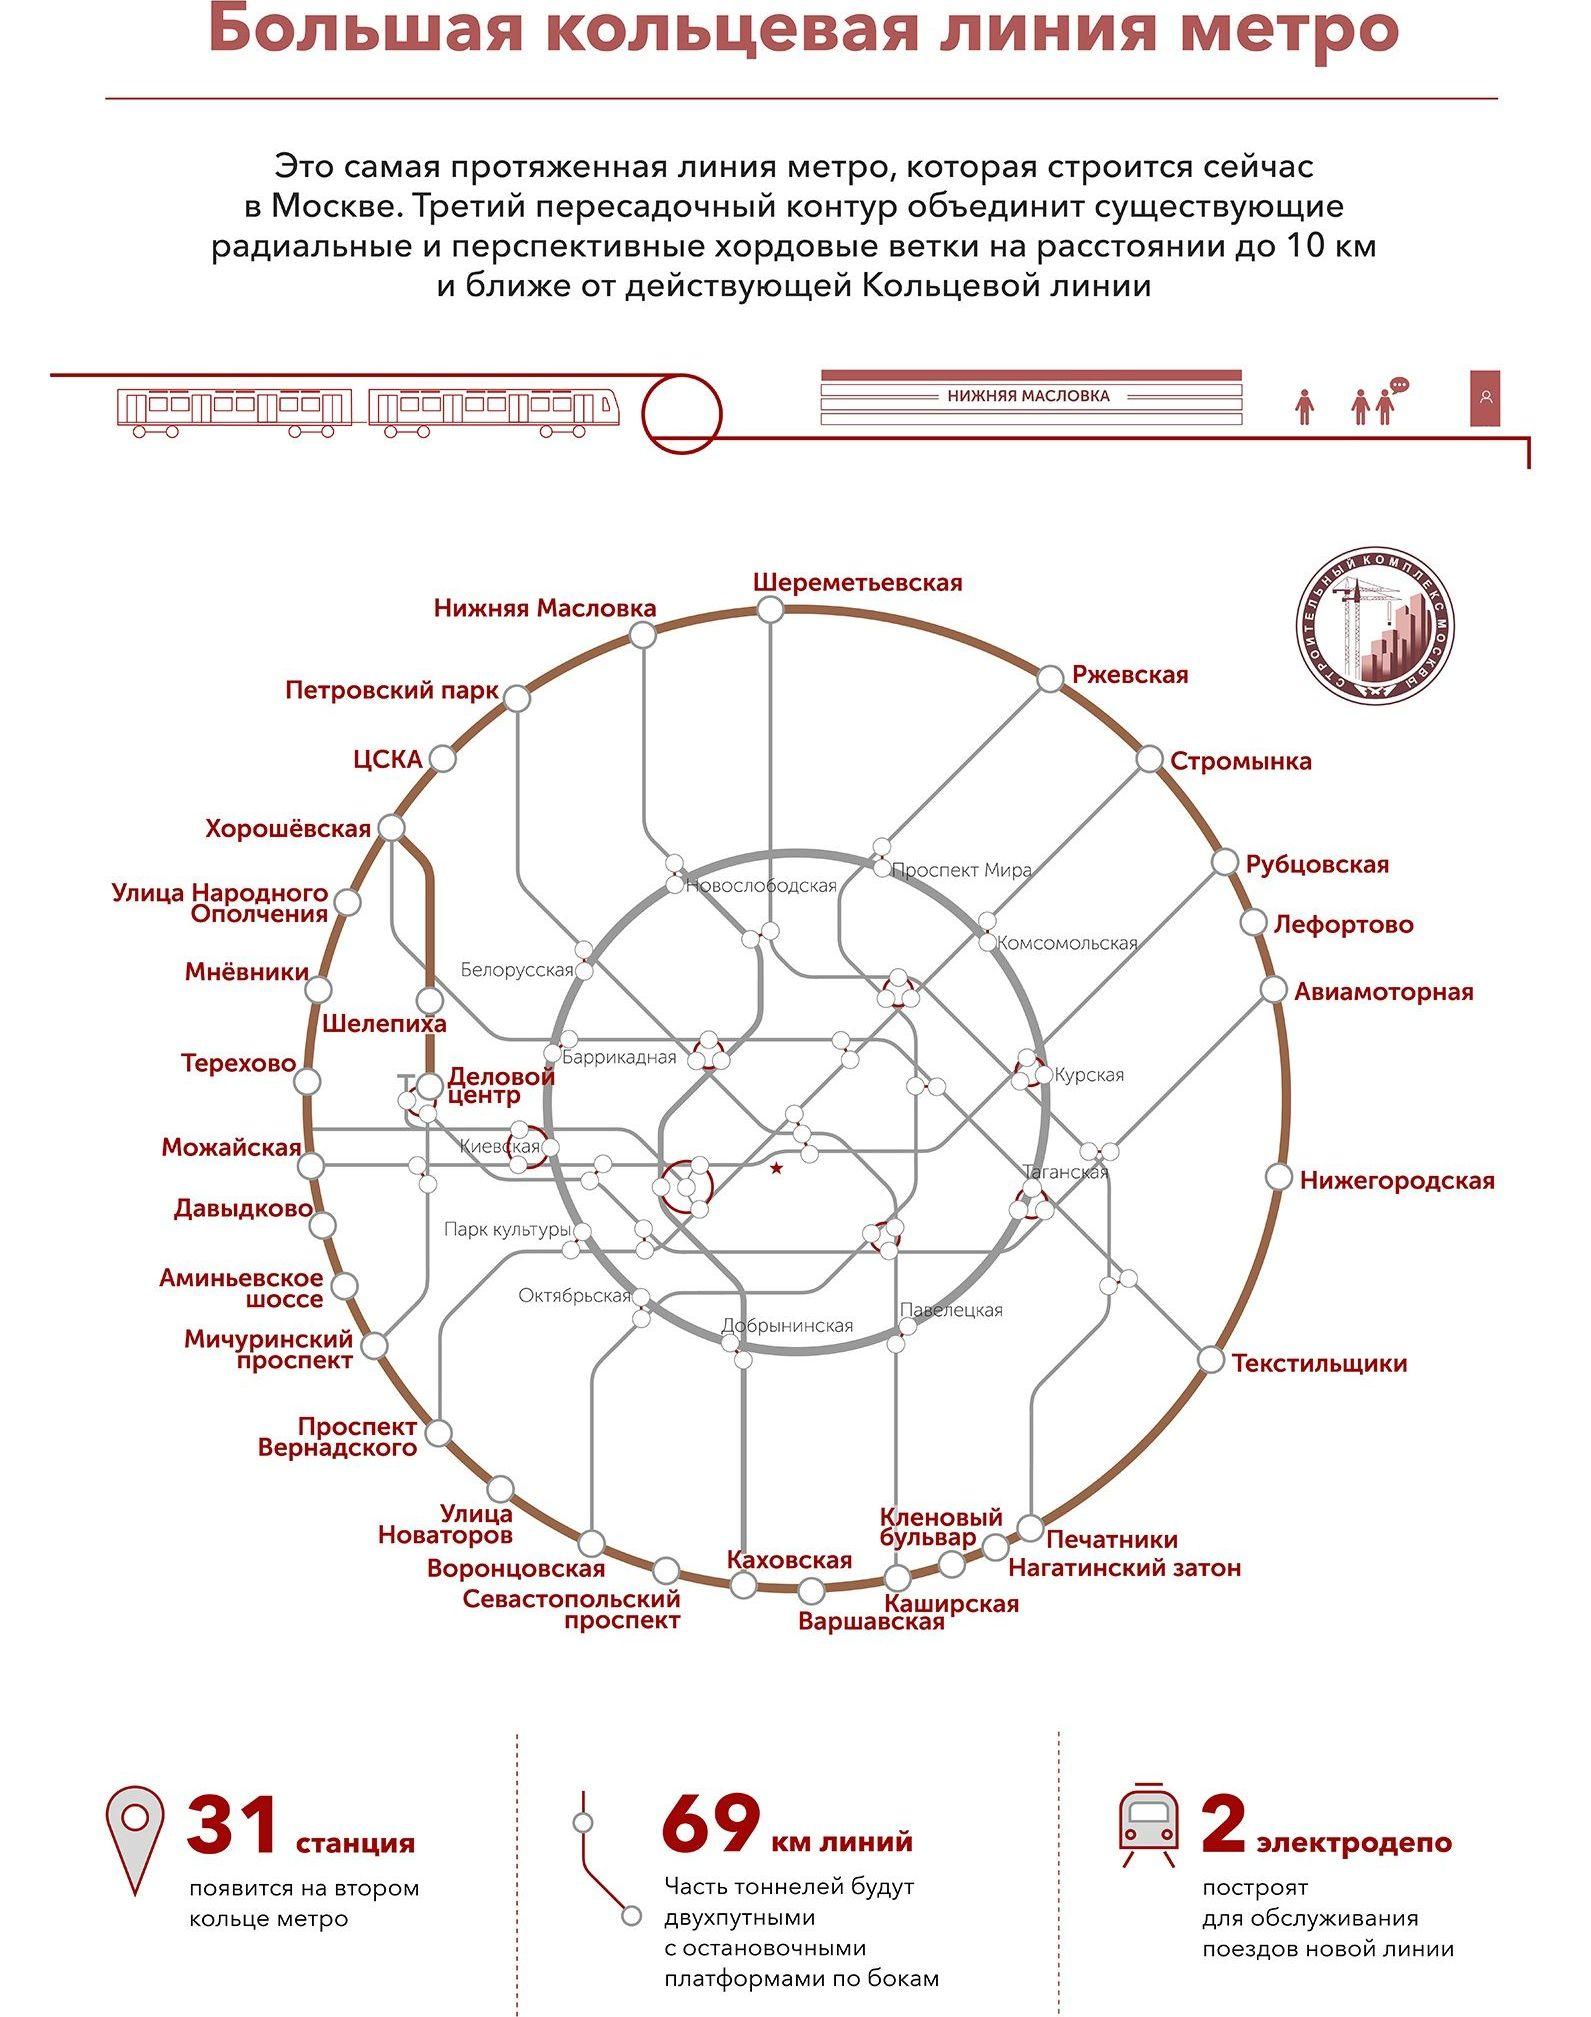 Схема станций Большой кольцевой линии московского метро